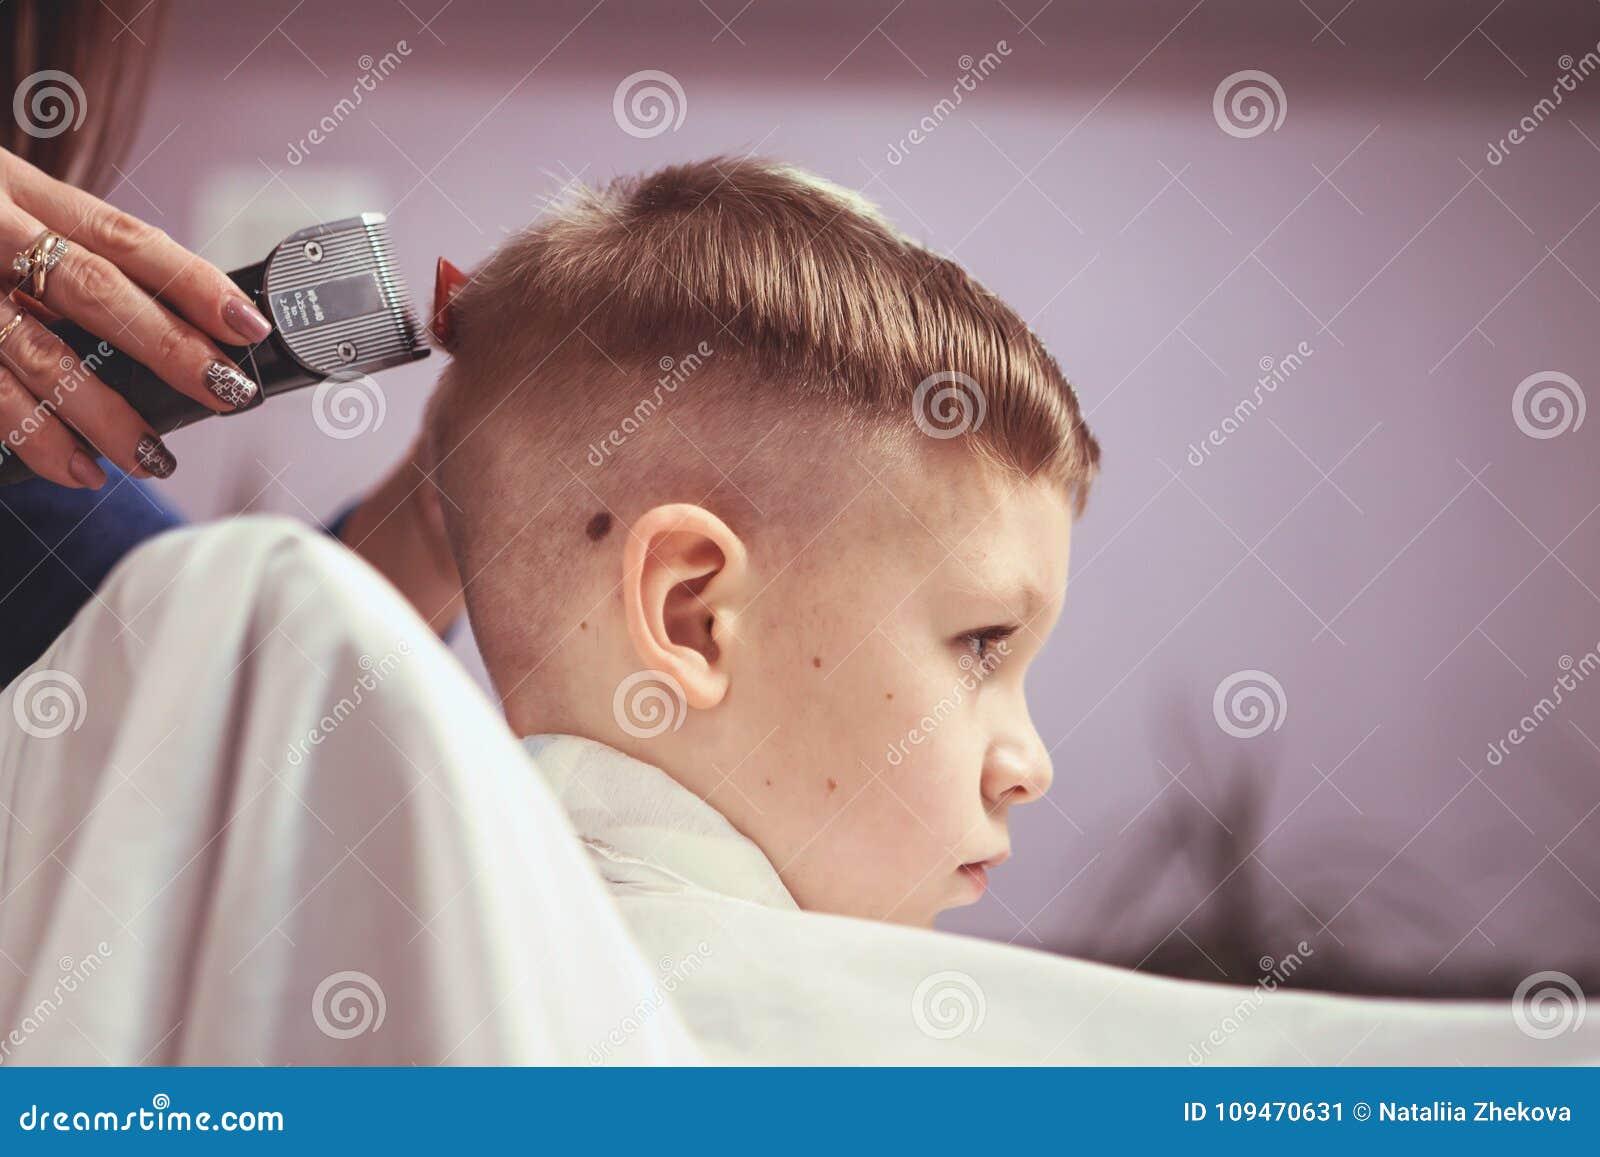 Kleiner Junge Am Friseur Kind Wird Von Den Haarschnitten Erschrocken